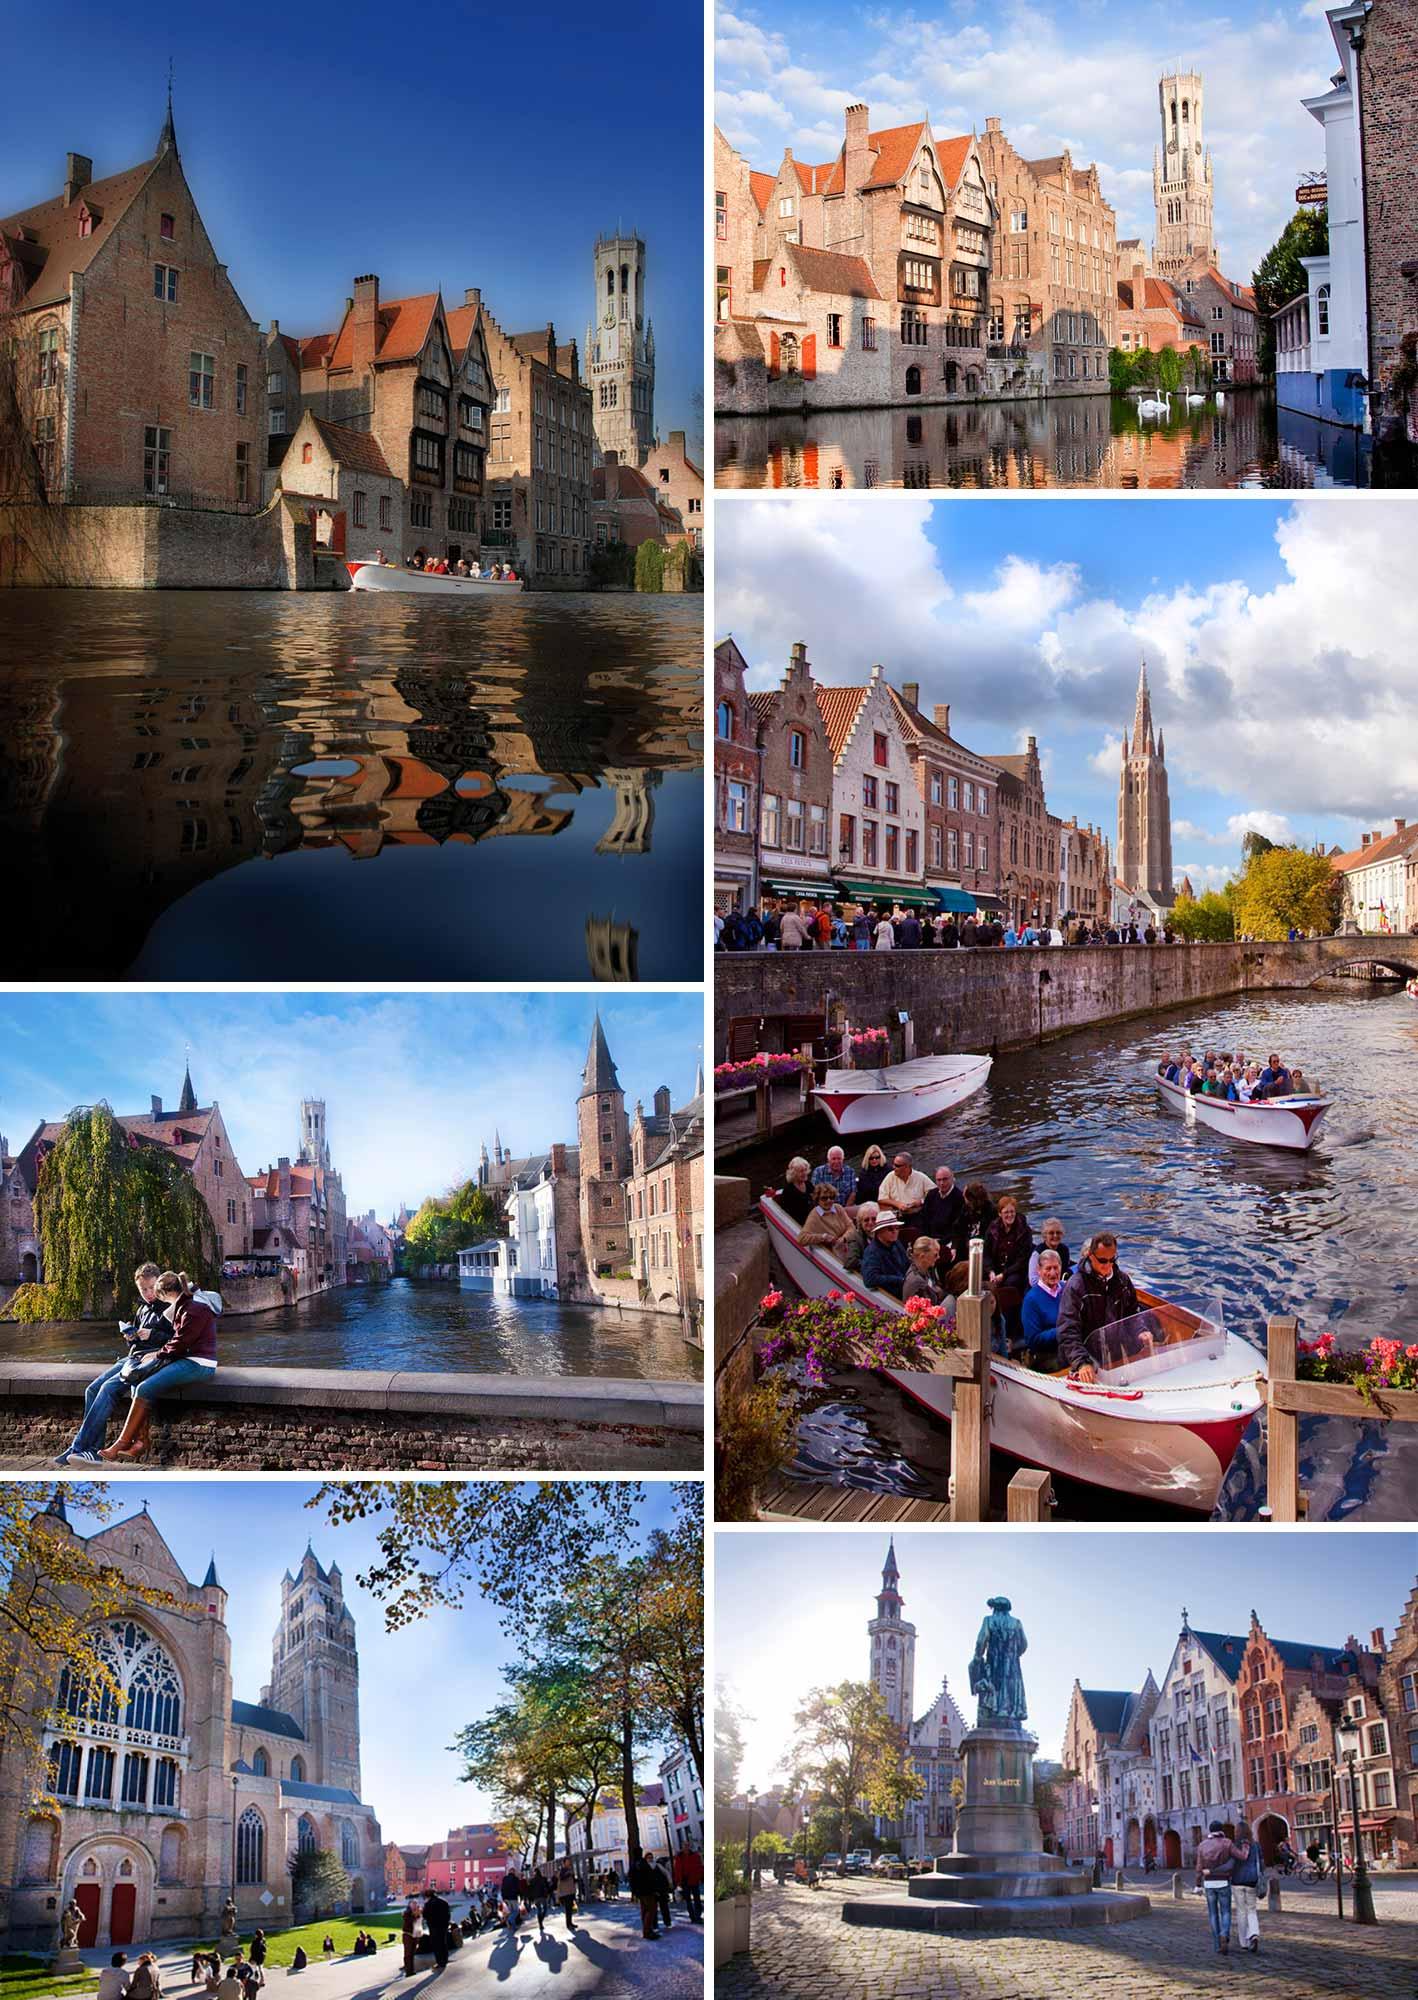 City of Bruges